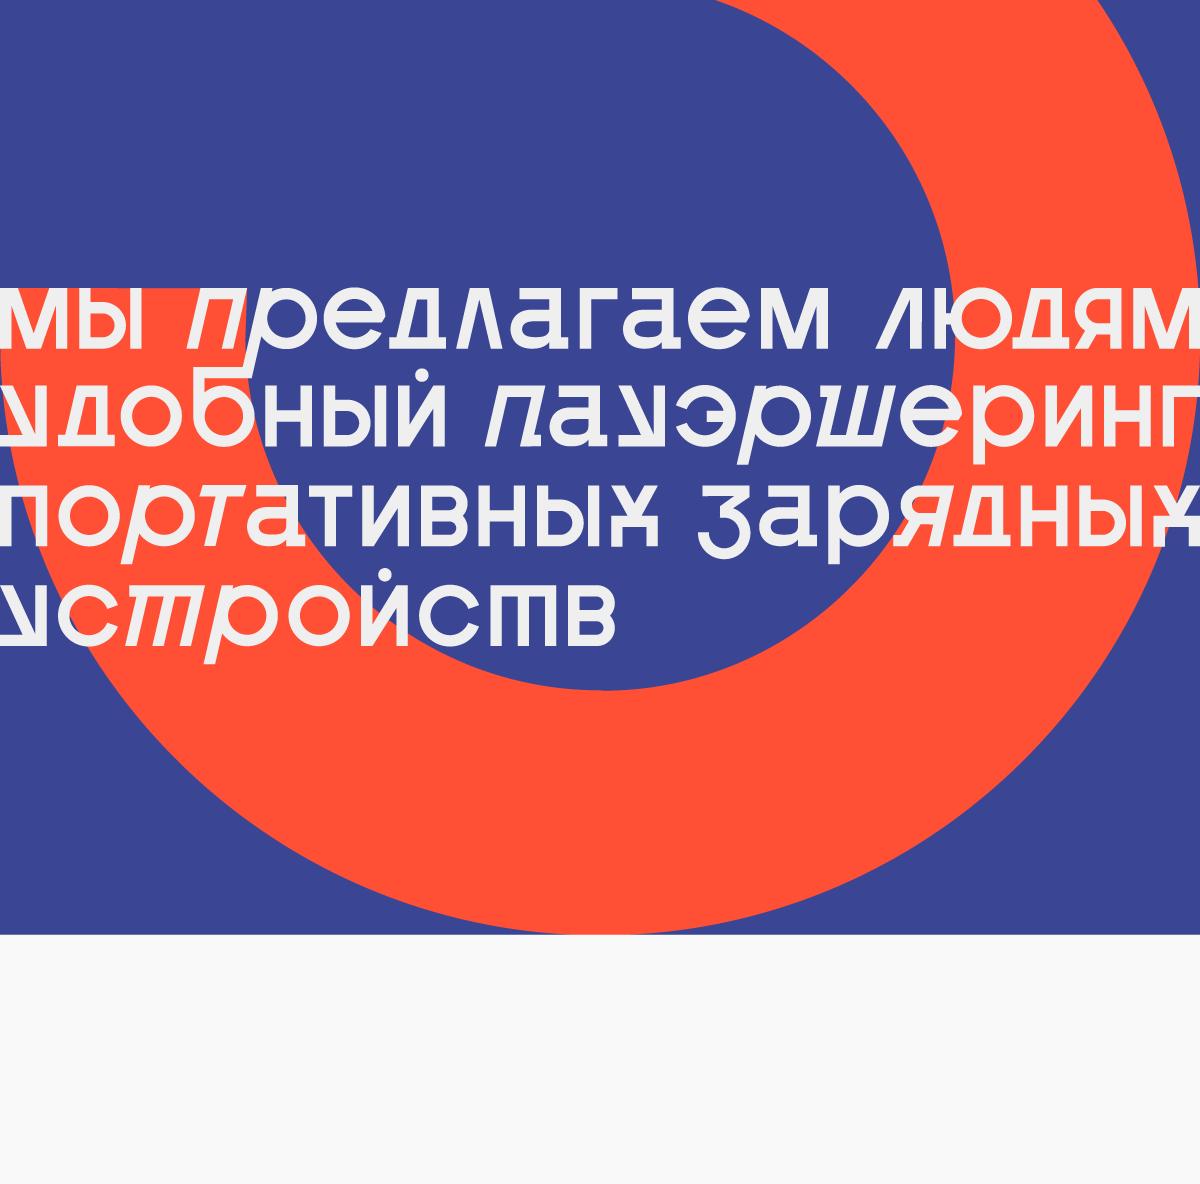 Зарядка КЕЙС сайт-08.png